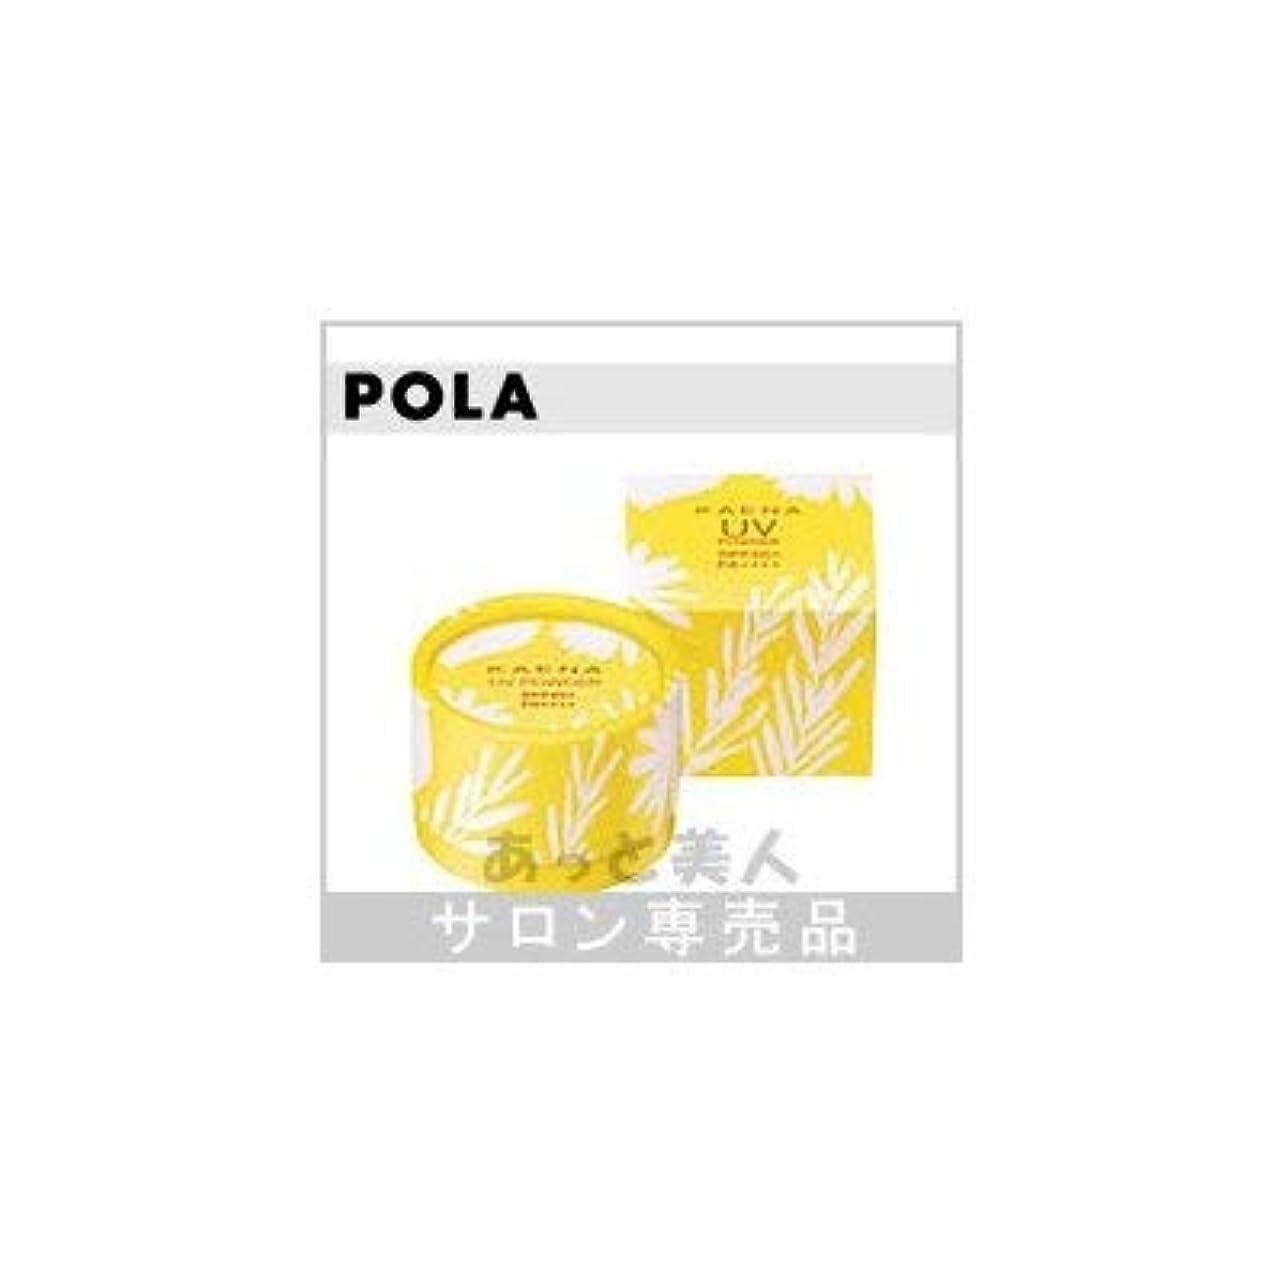 腐敗した苗世界の窓ポーラ カエナ UVパウダー 6.5g (SPF50+ PA++++)